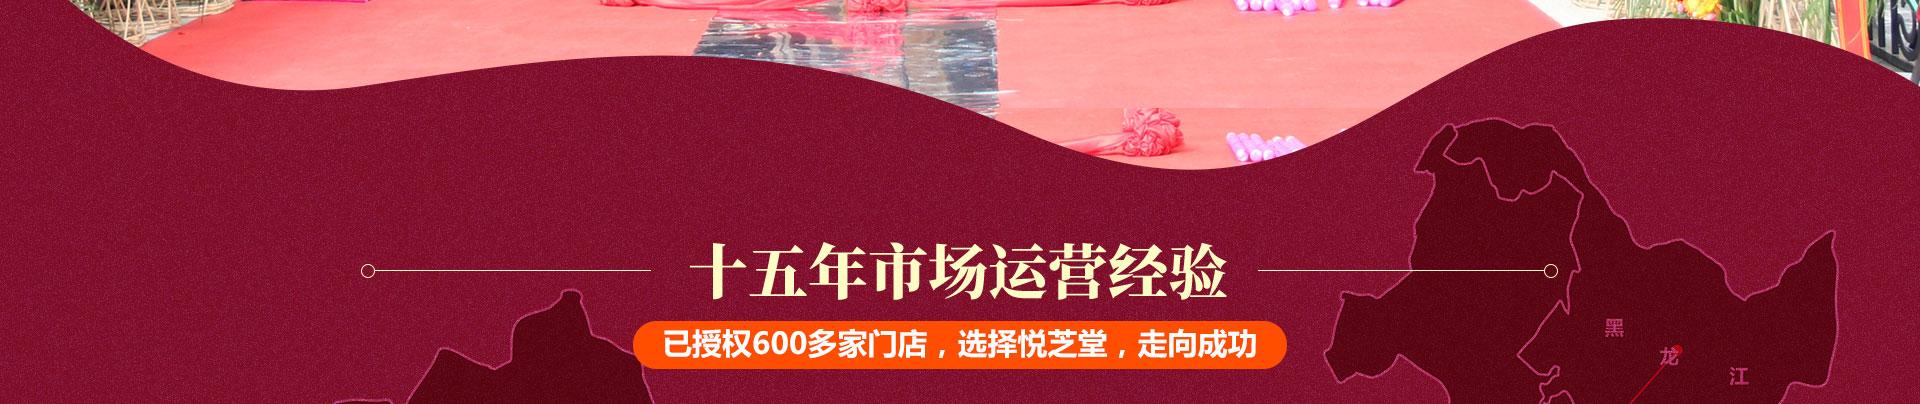 悦芝堂母婴产康全周期管理yzt_16